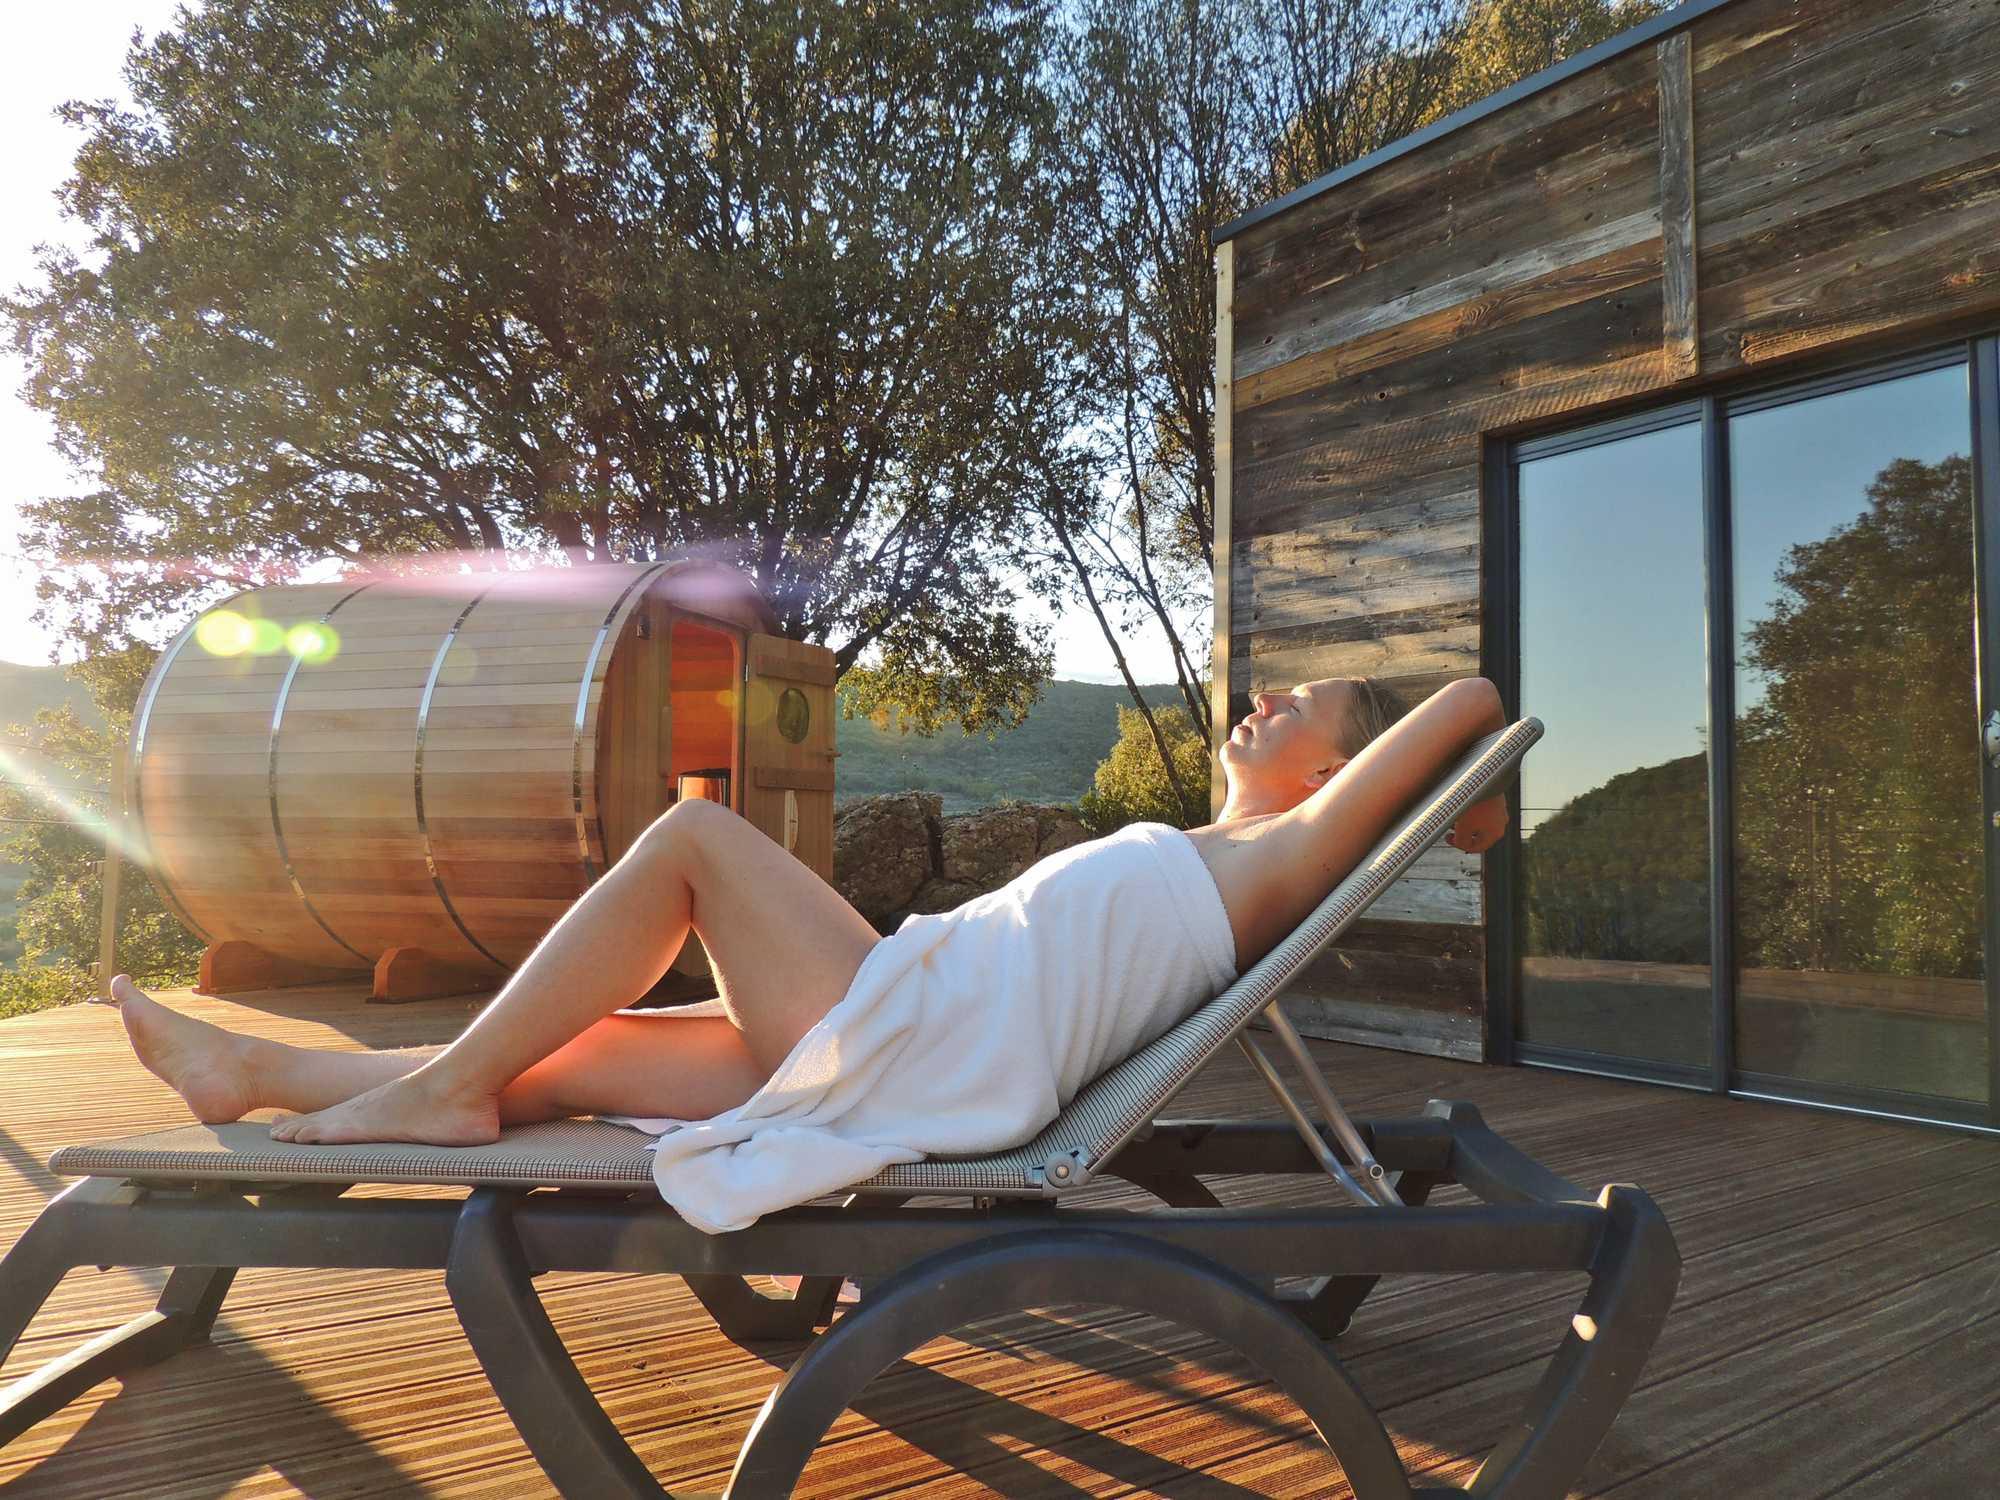 domaine sevenier camping 5 etoiles ardeche spa galerie photo 21 - domaine-sevenier-camping-5-etoiles-ardeche-spa-galerie-photo-21